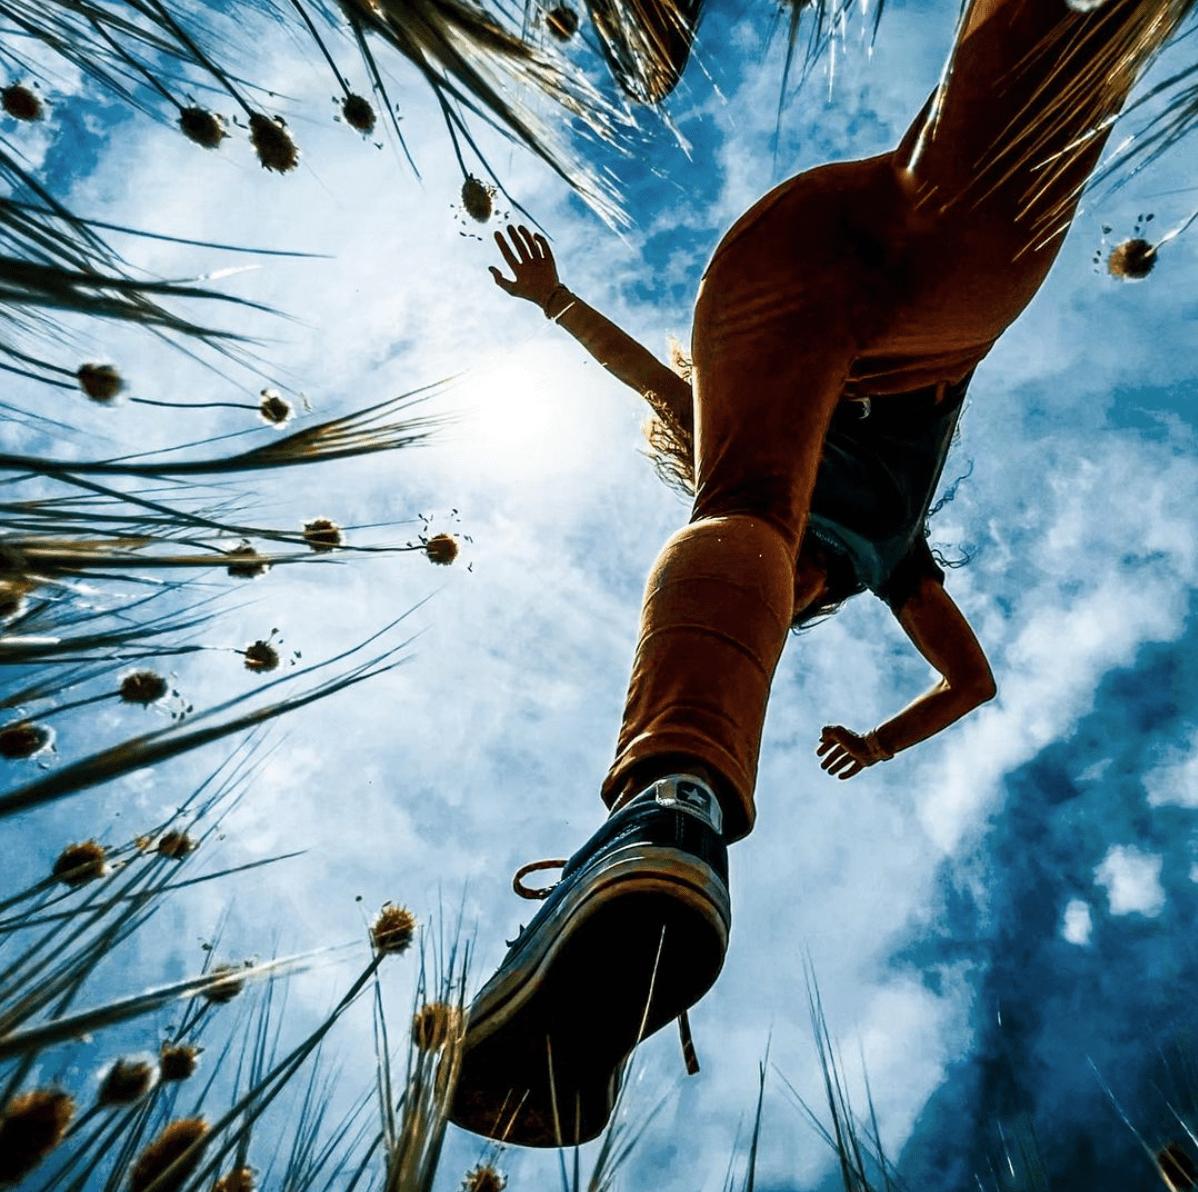 Imagen con ángulo nadir ganadora fotoreto109